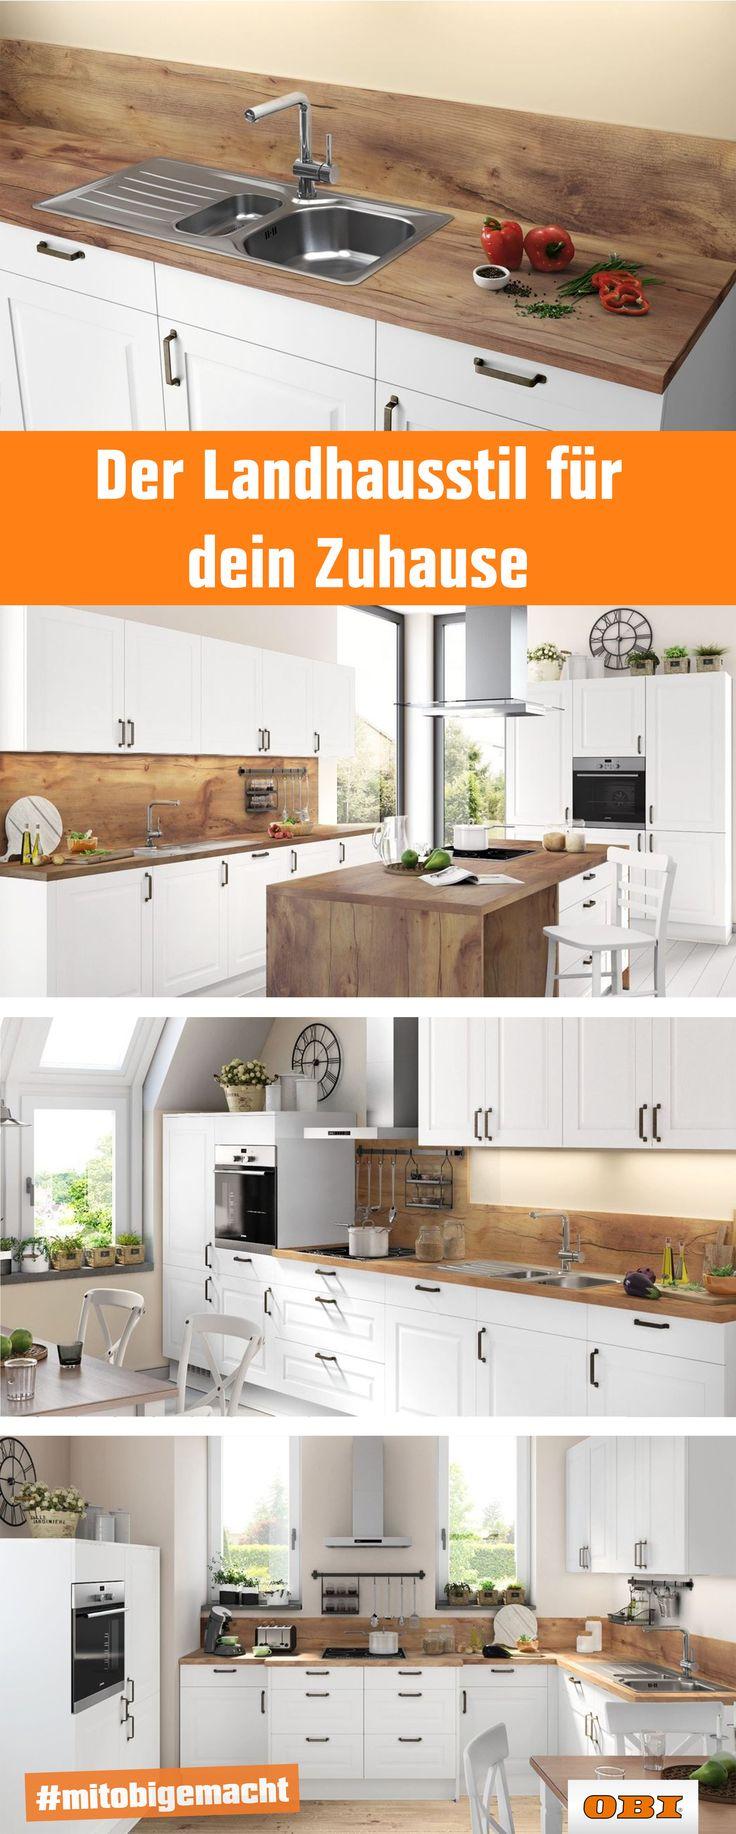 Küchen bei obi  13 besten OBI Küchenvielfalt Bilder auf Pinterest | Küchen ideen ...